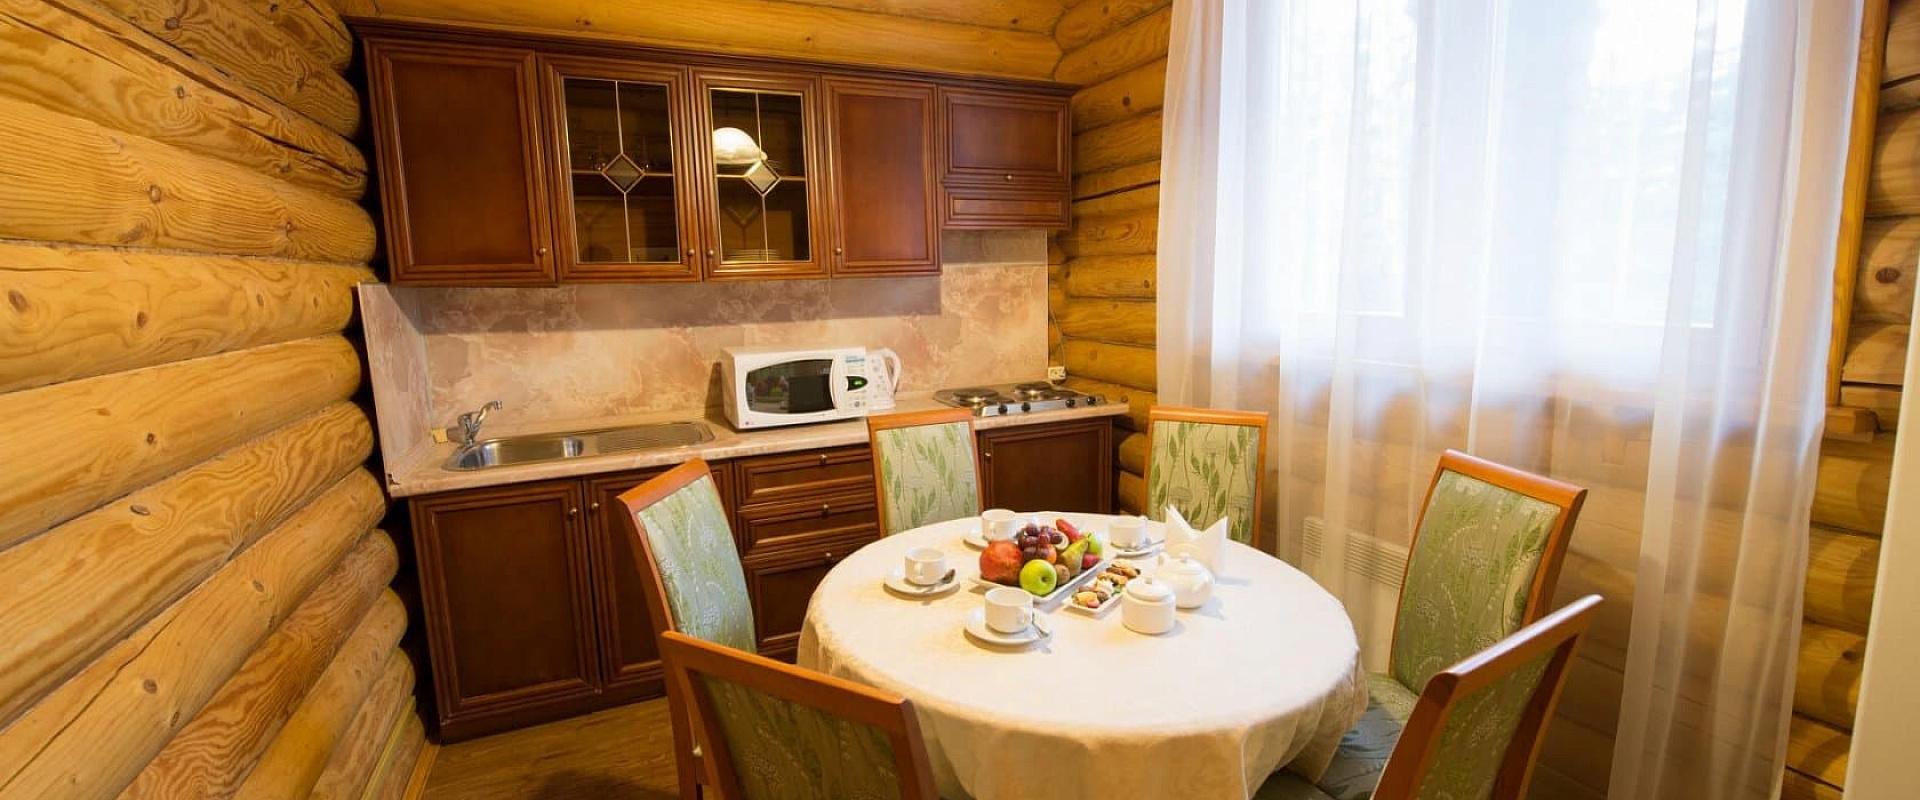 Отель «Истра Holiday»